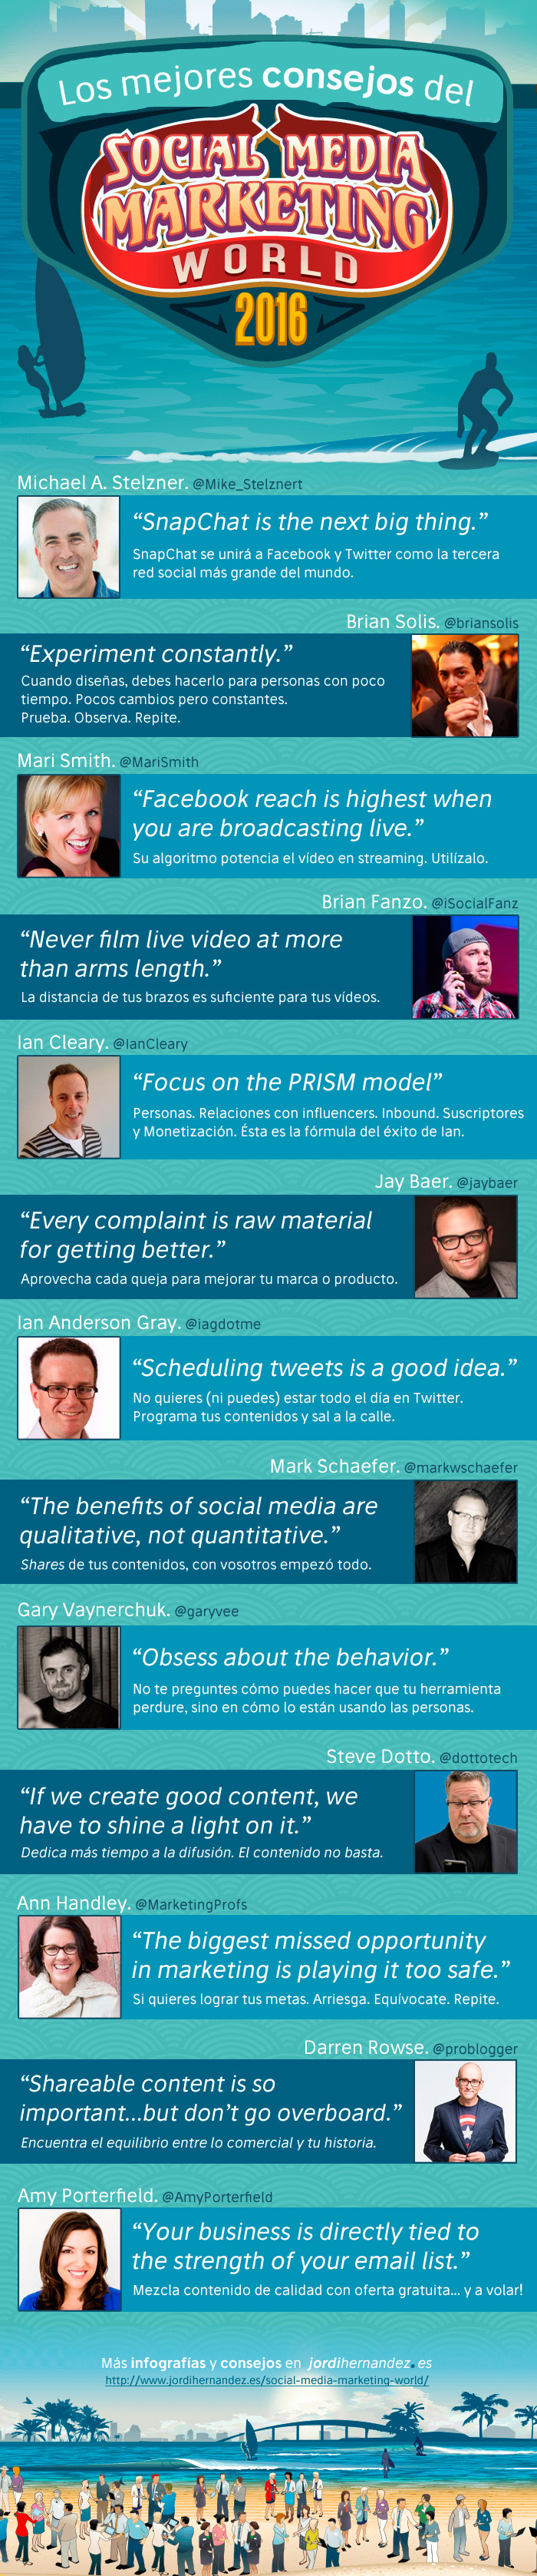 Los mejores consejos del Social Media Marketing World 2016